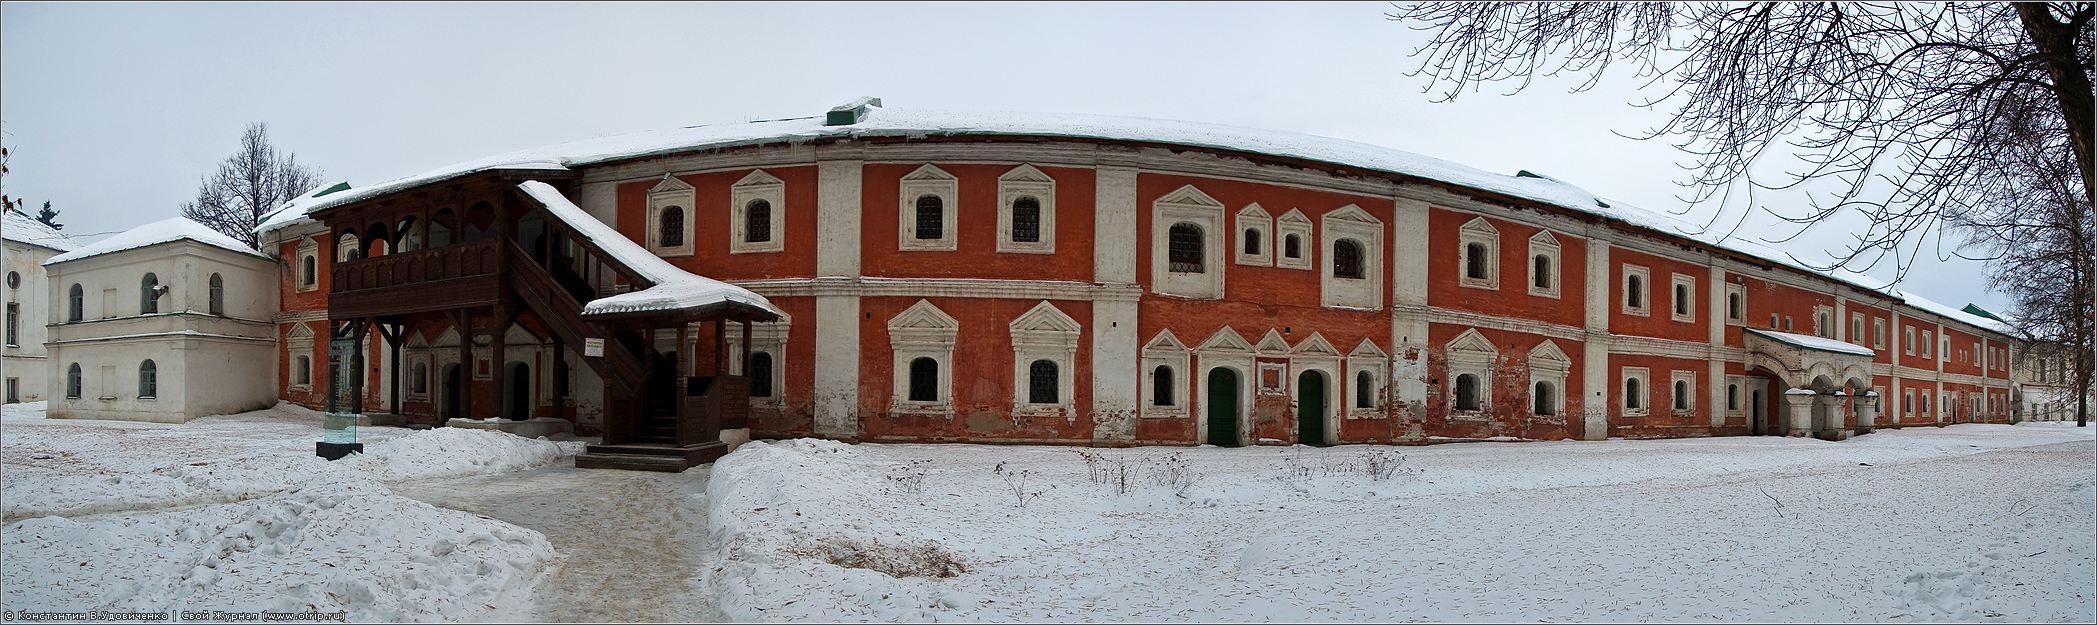 7027-6797x3042s_2.jpg - Масленица в Ярославле (14.02.2010)